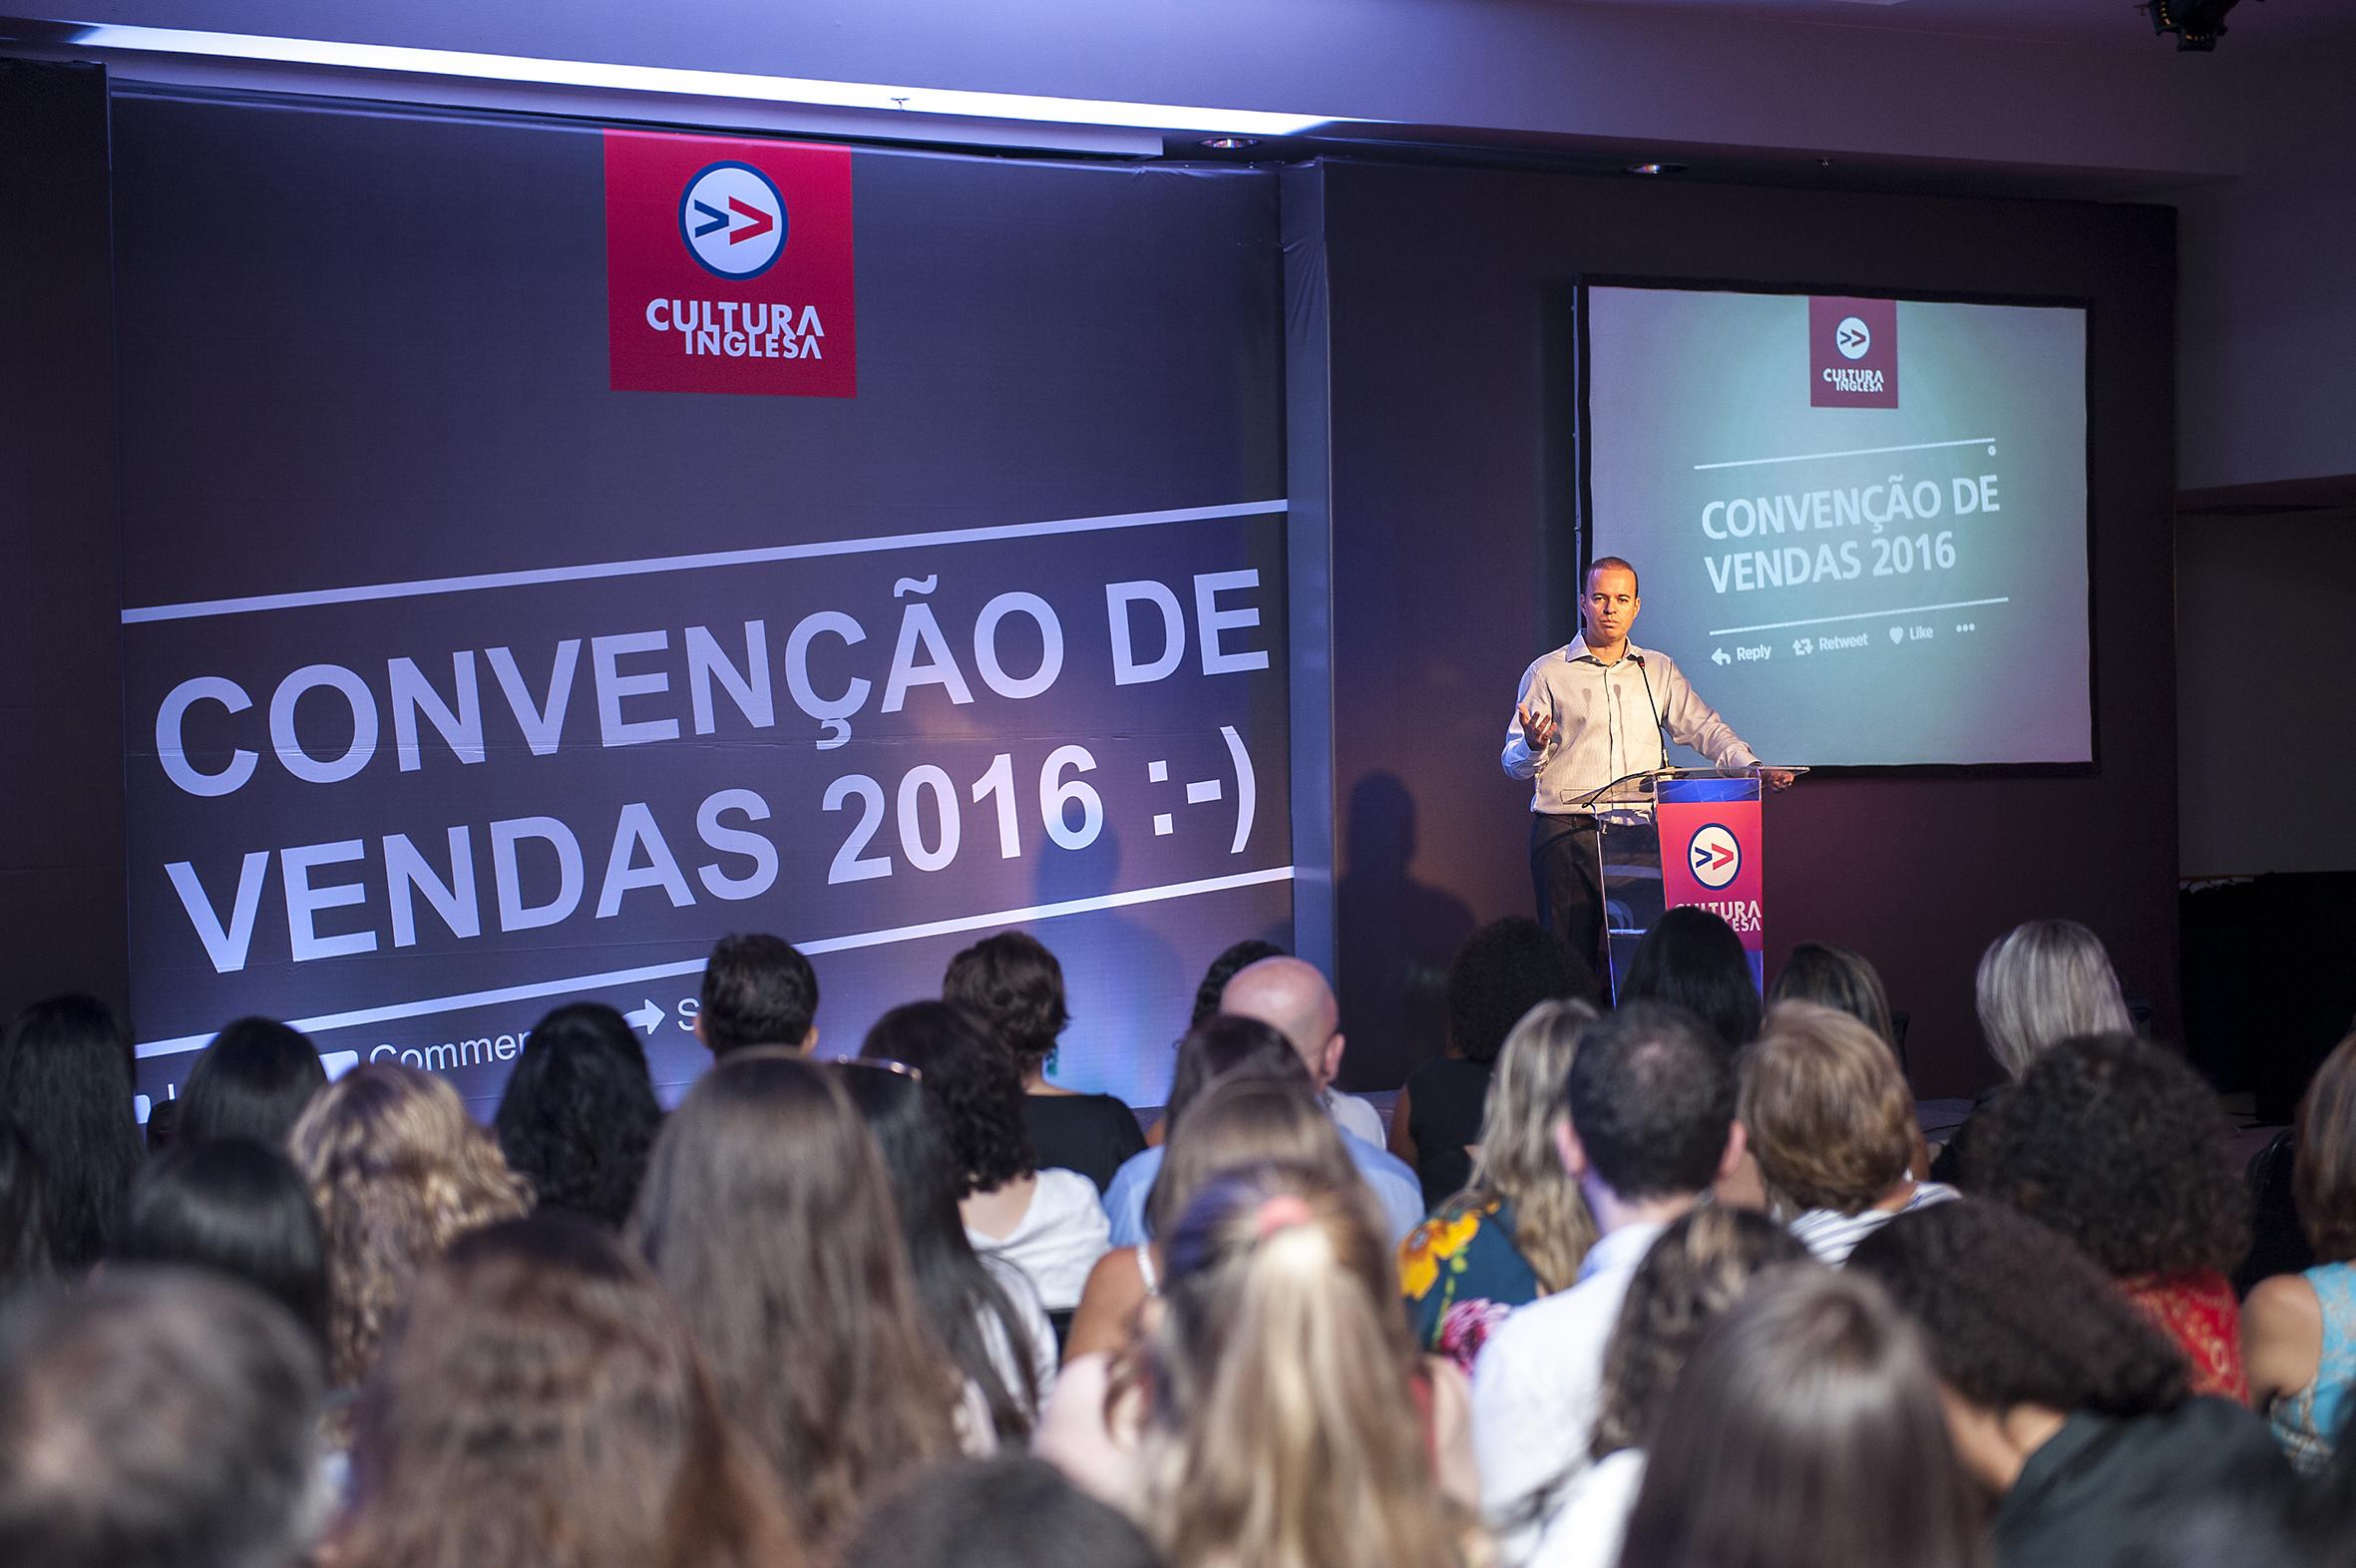 Convenção de Vendas Cultura Inglesa